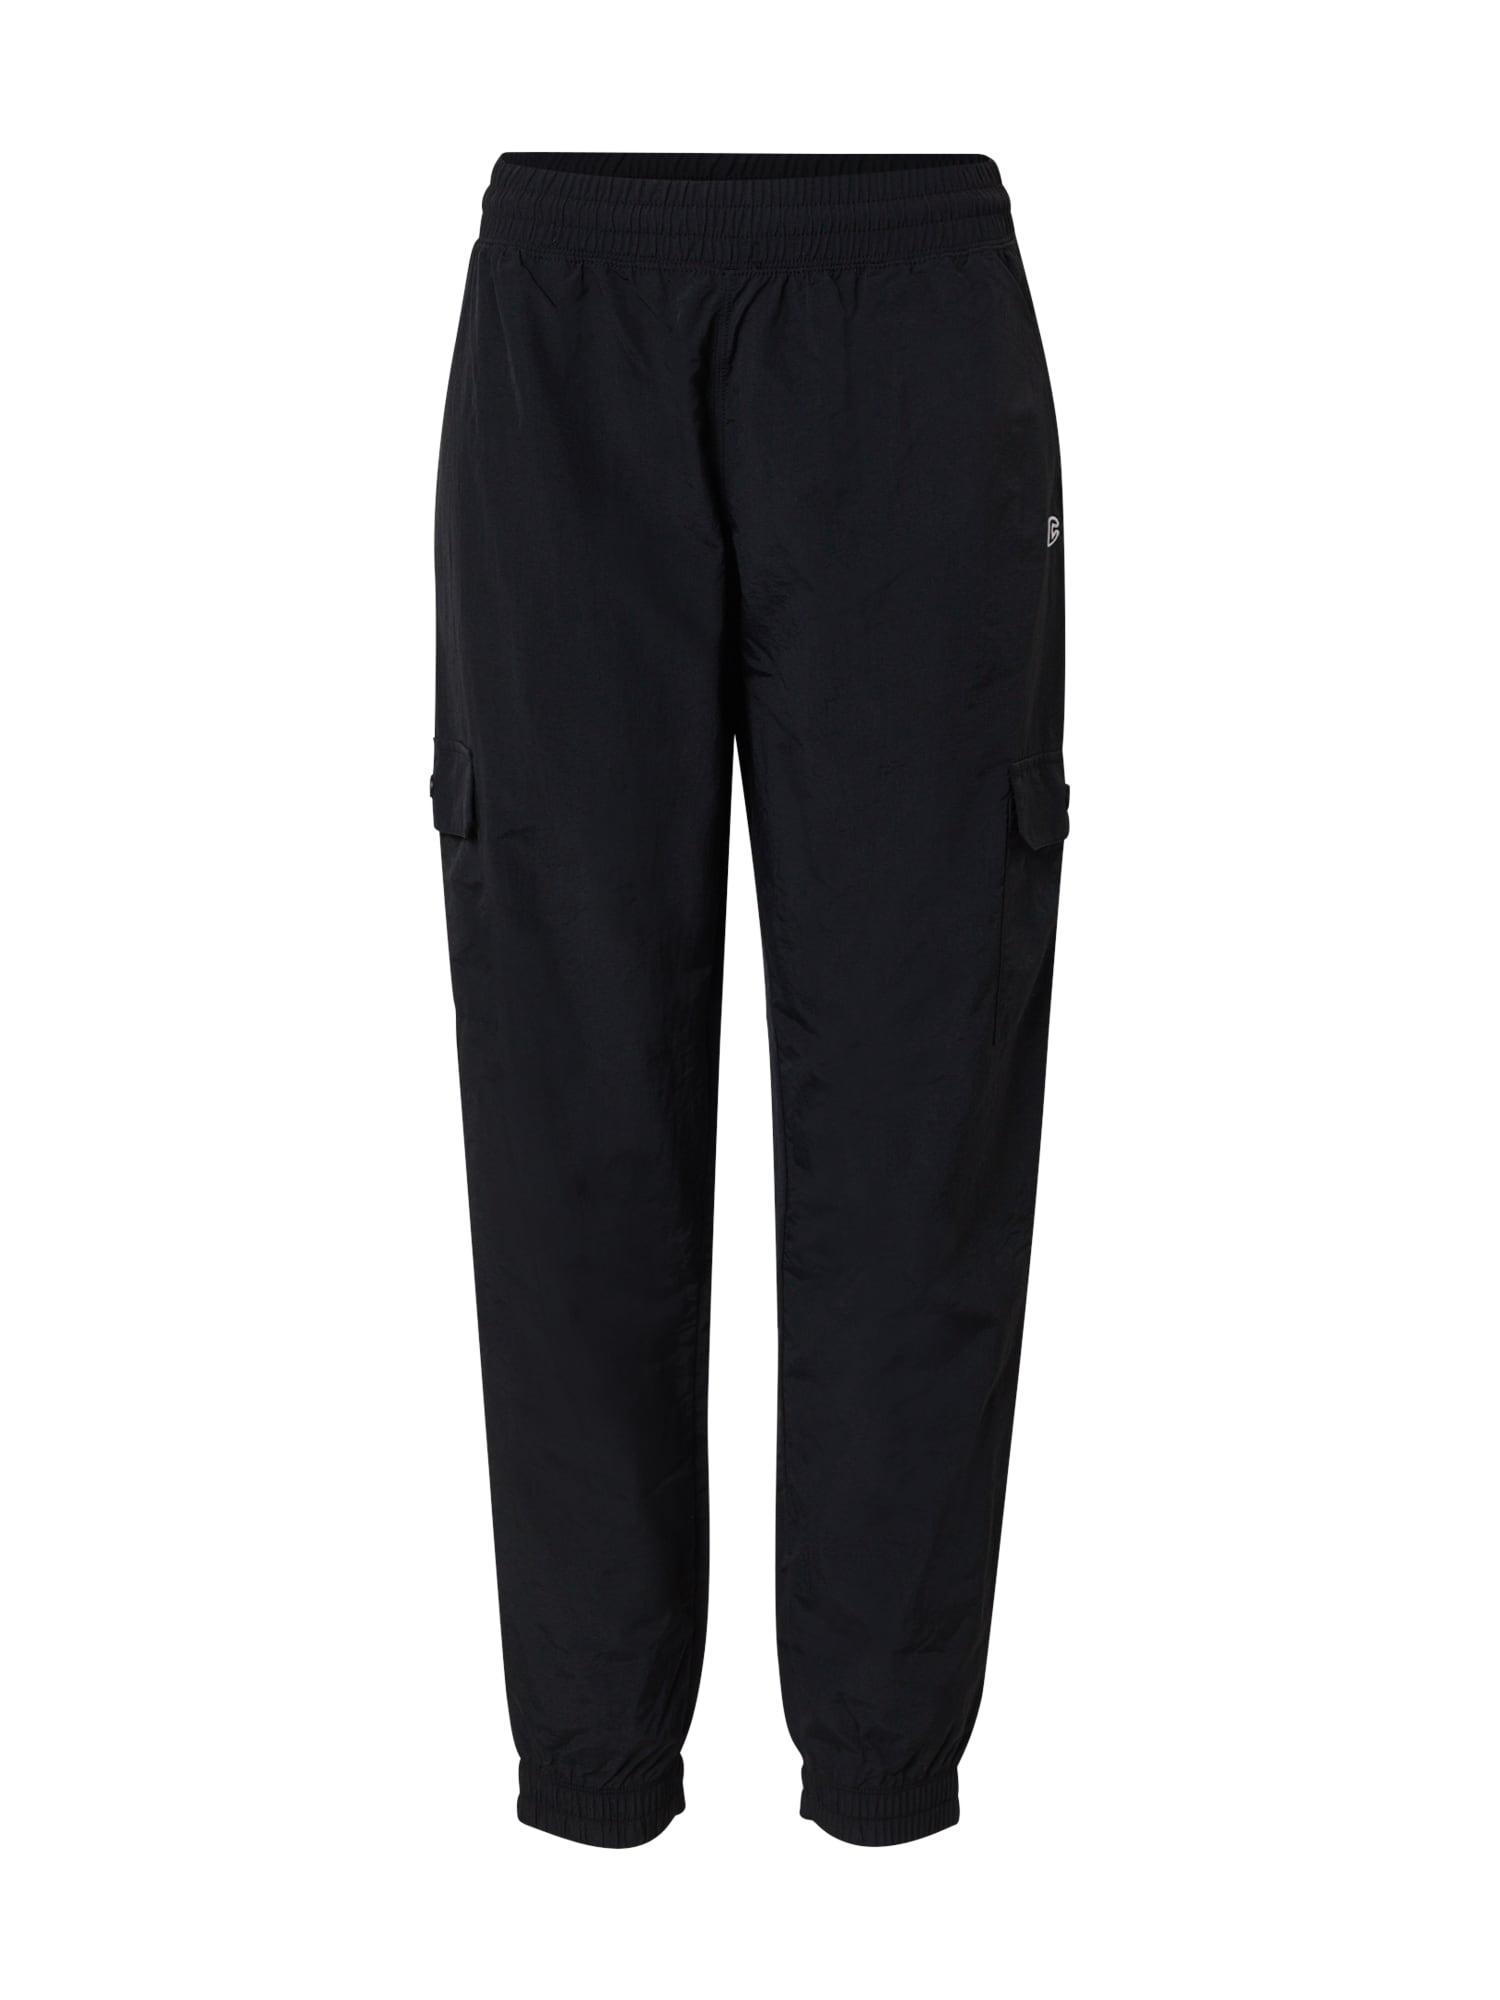 Champion Authentic Athletic Apparel Laisvo stiliaus kelnės juoda